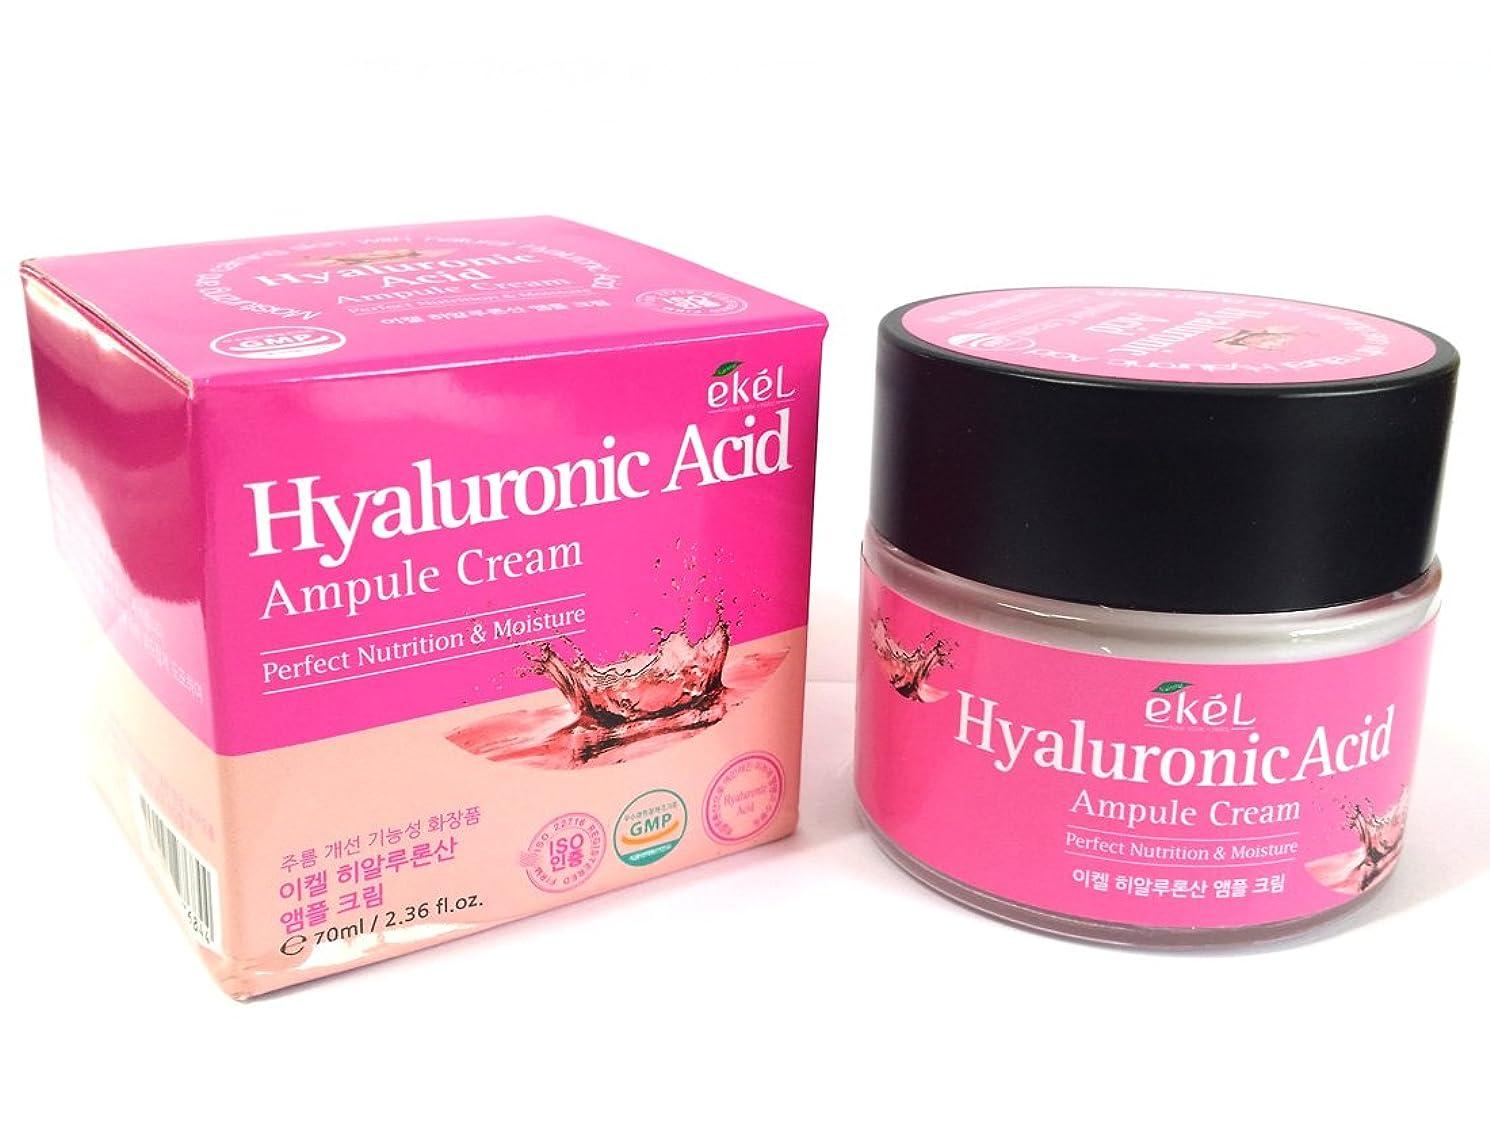 コード類推知的[EKEL] ヒアルロン酸アンプルクリーム70ml / 完璧な栄養と水分 / 韓国化粧品/ Hyaluronic Acid Ampule Cream 70ml / Perfect Nutrition & Moisture / Korean Cosmetics [並行輸入品]